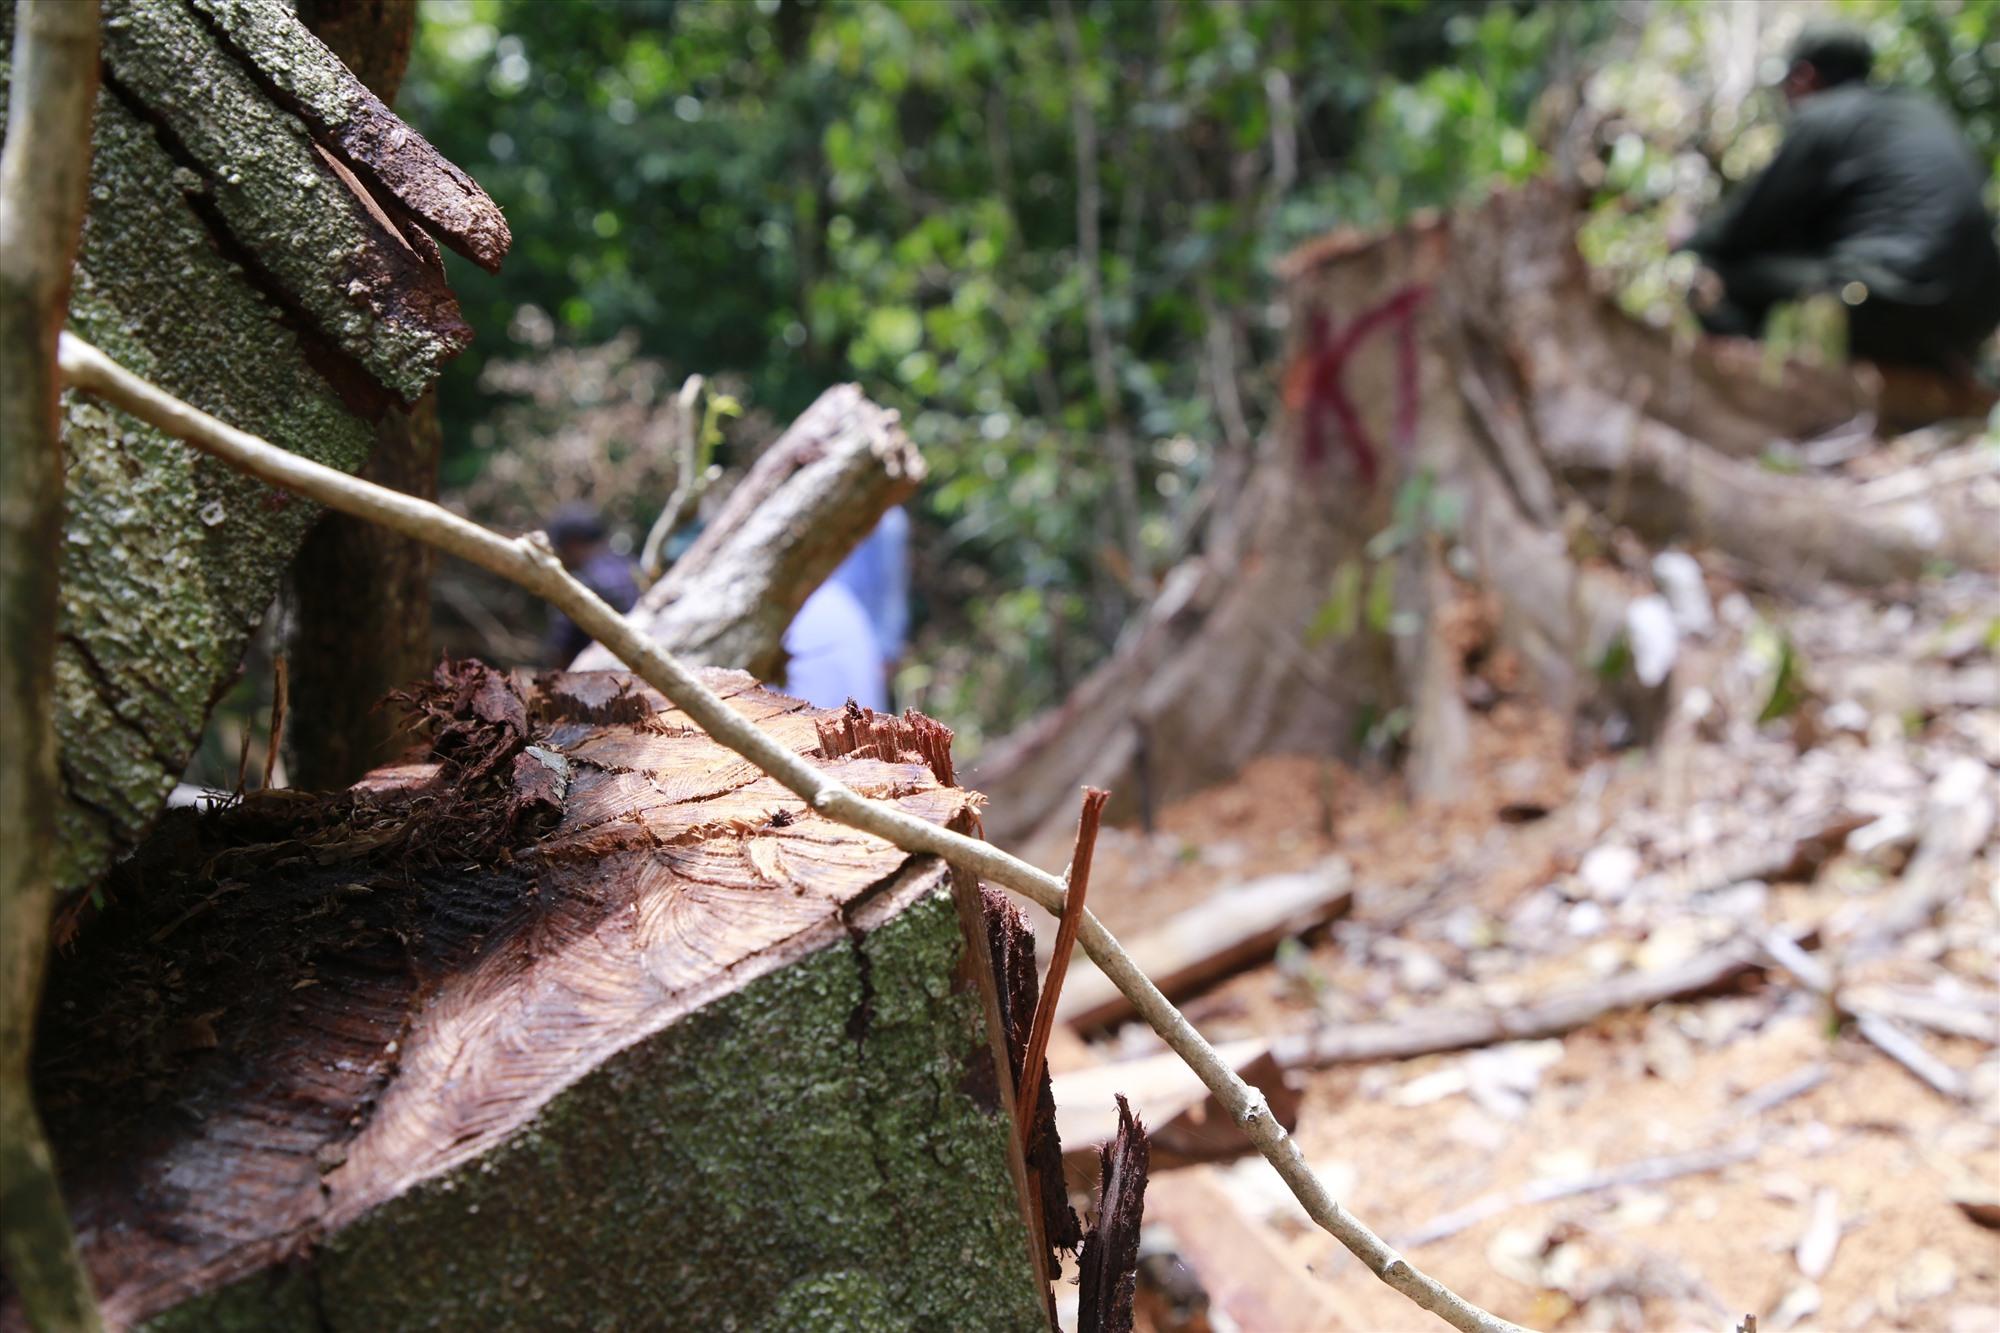 Ban đầu cơ quan chức năng nhận định khu vực này bị người địa phương chặt hạ để lấy vật liệu làm nhà. Ảnh: T.C